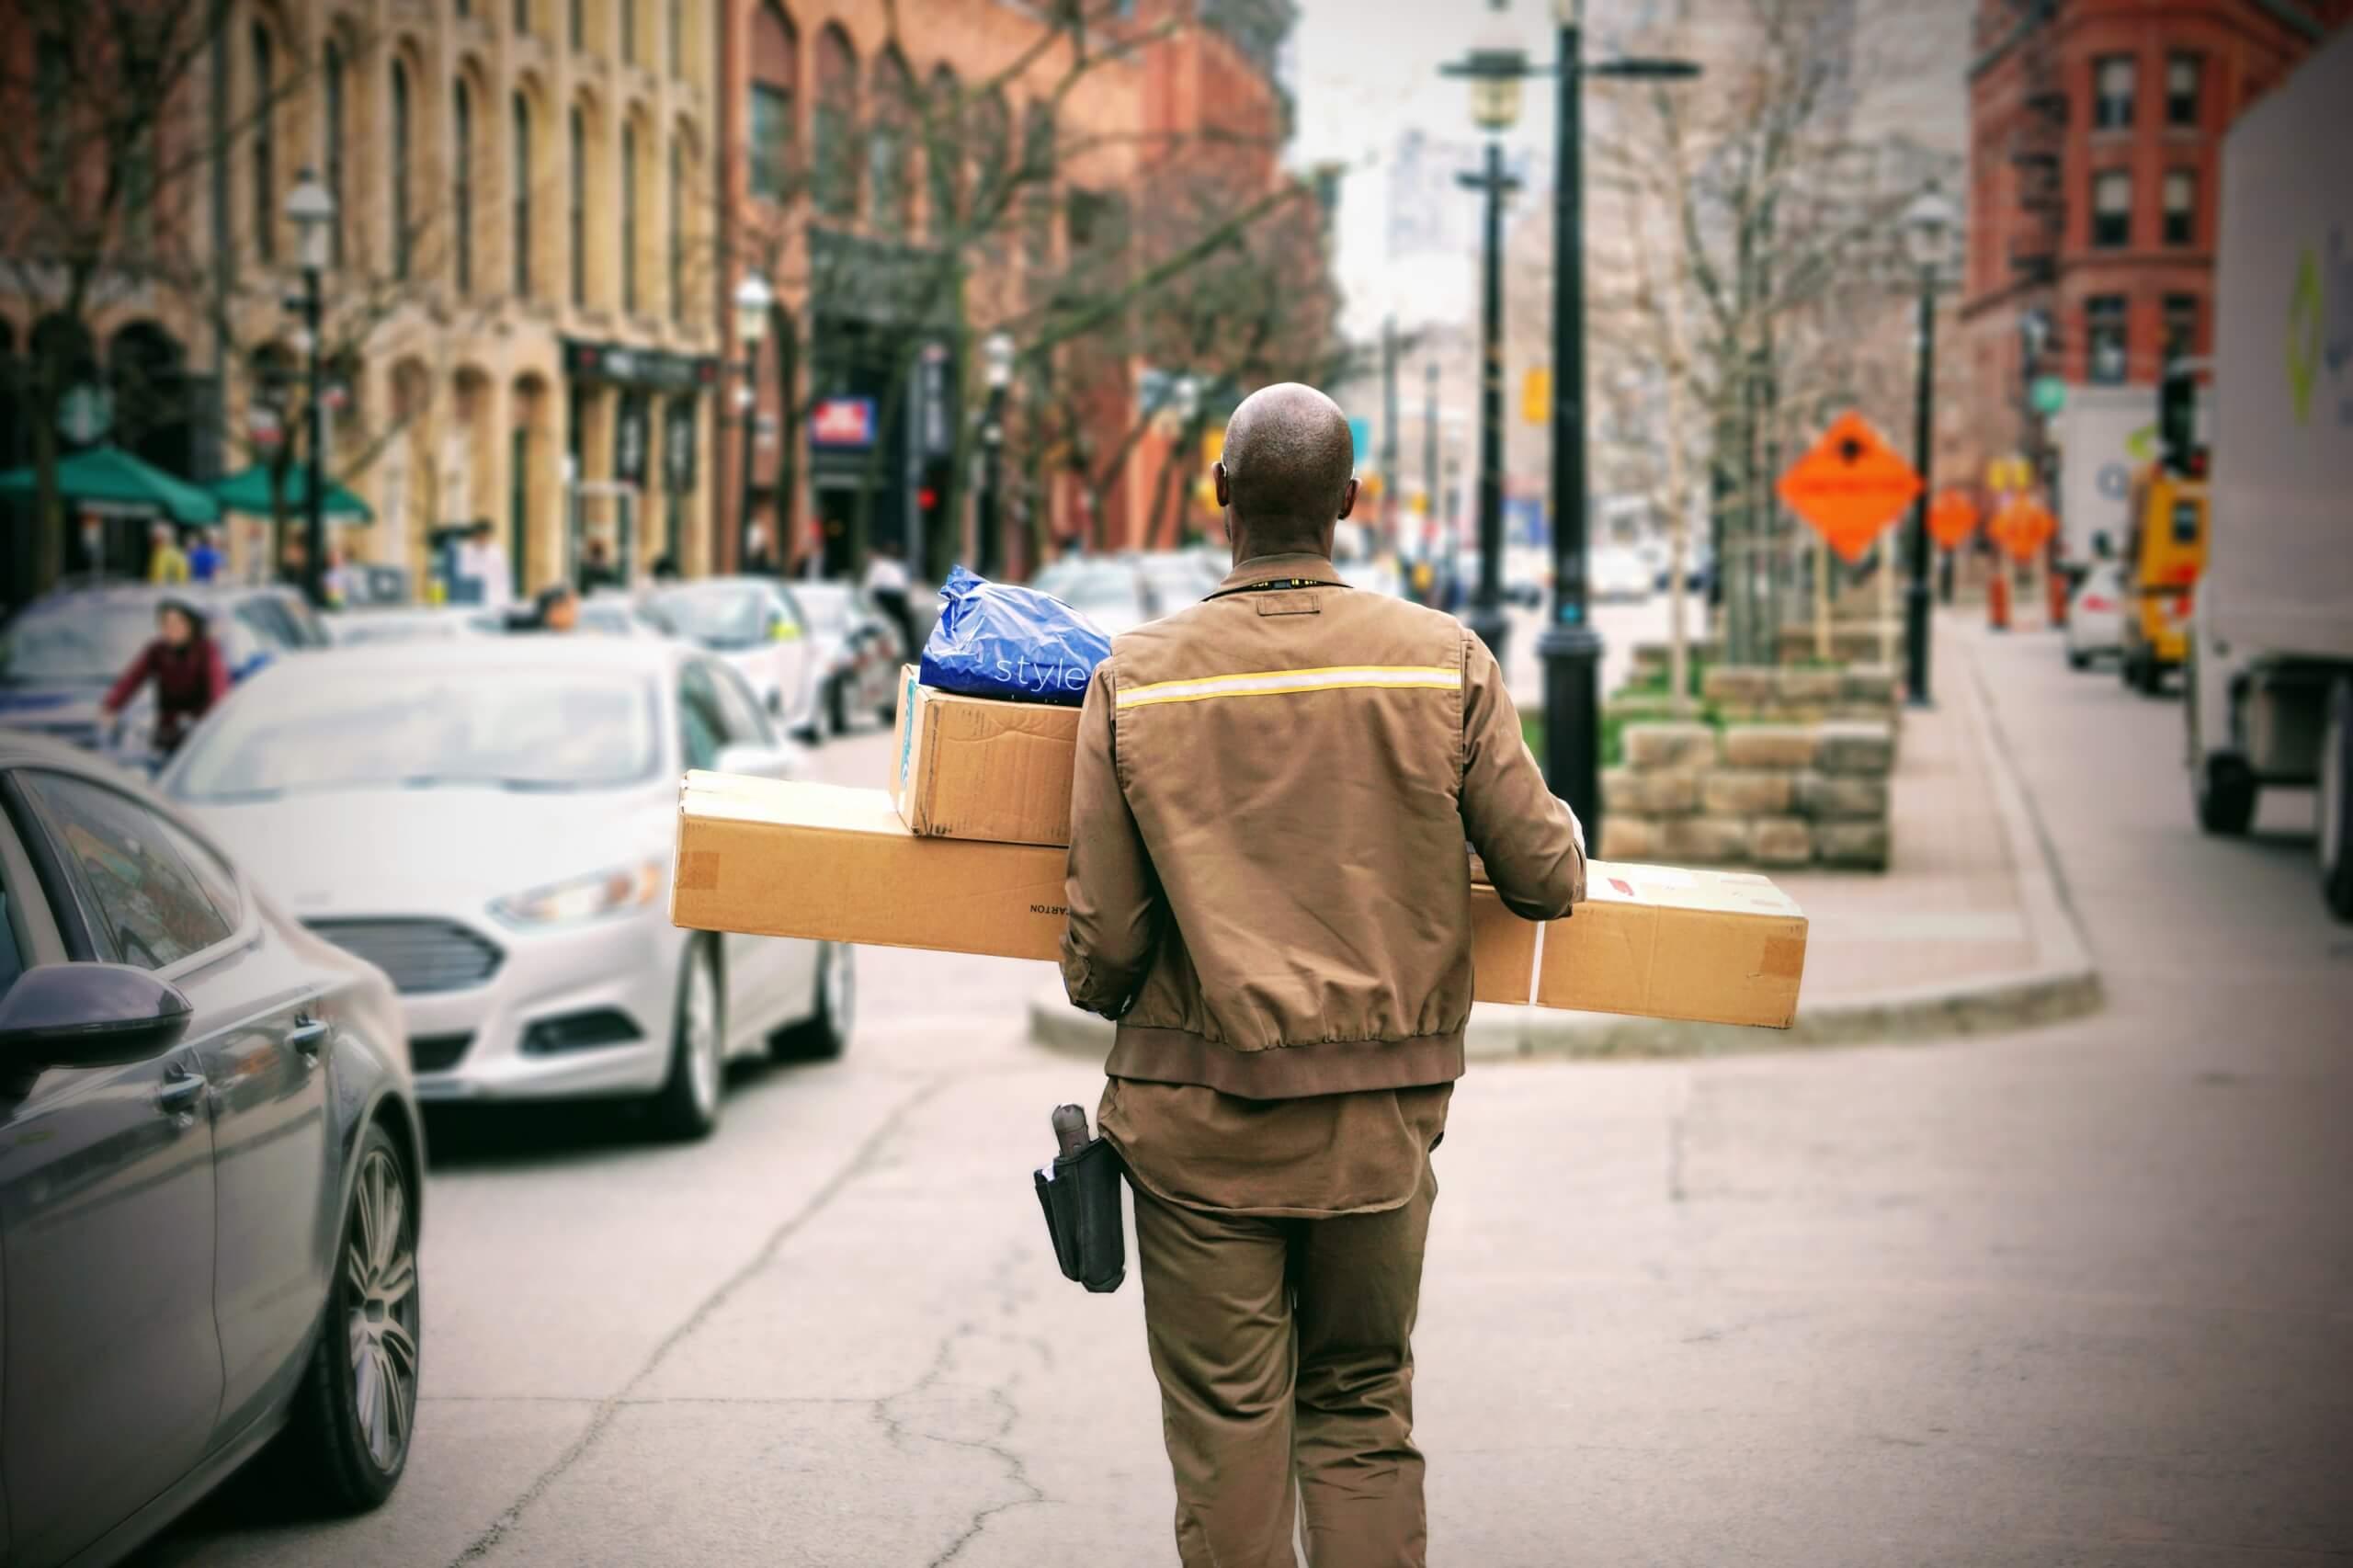 lieferung pakete